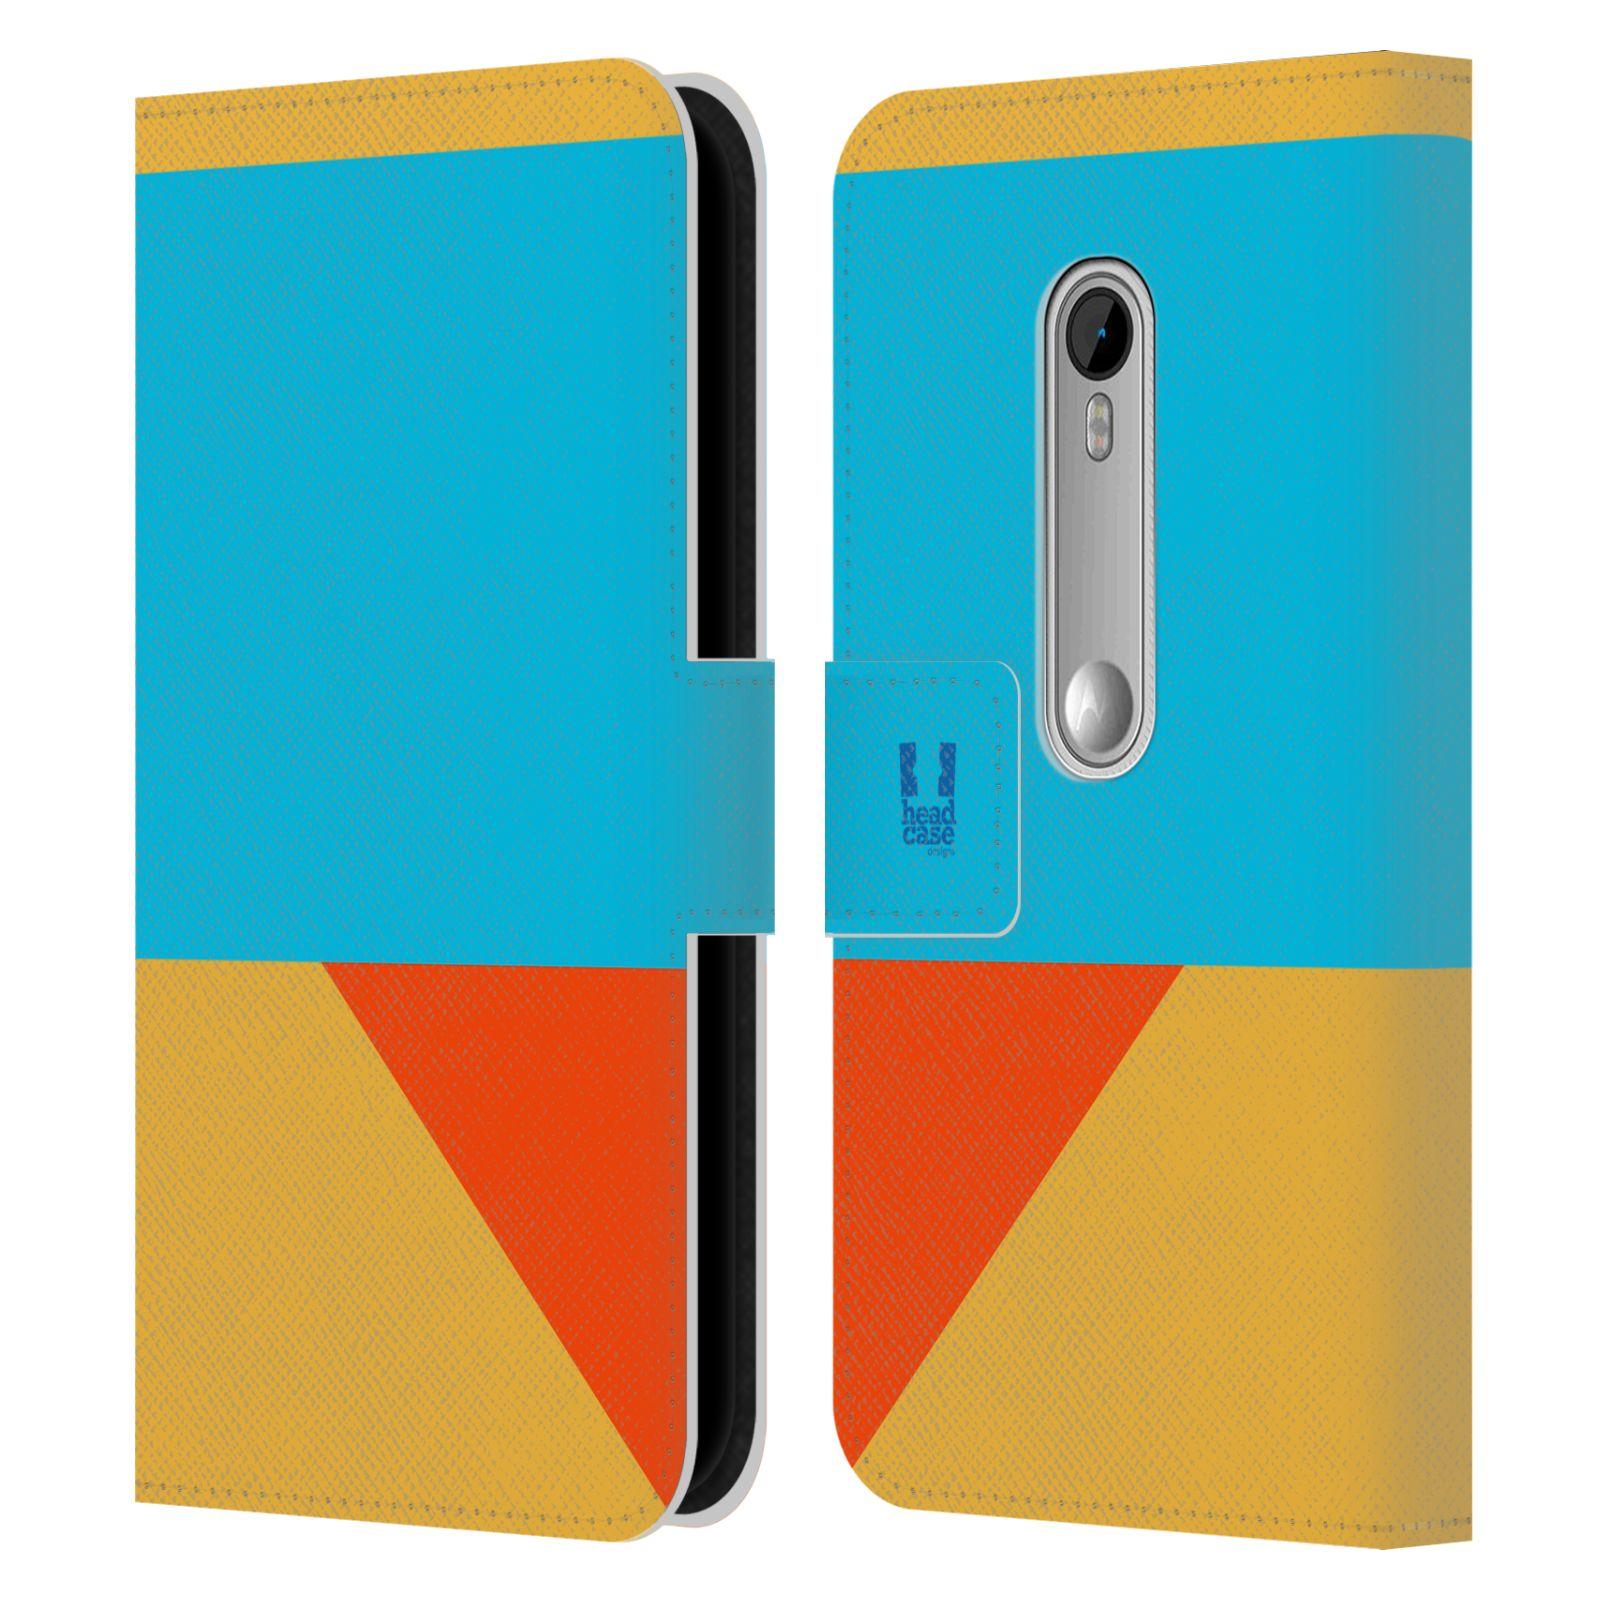 HEAD CASE Flipové pouzdro pro mobil Motorola MOTO G 3RD GENERATION barevné tvary béžová a modrá DAY WEAR